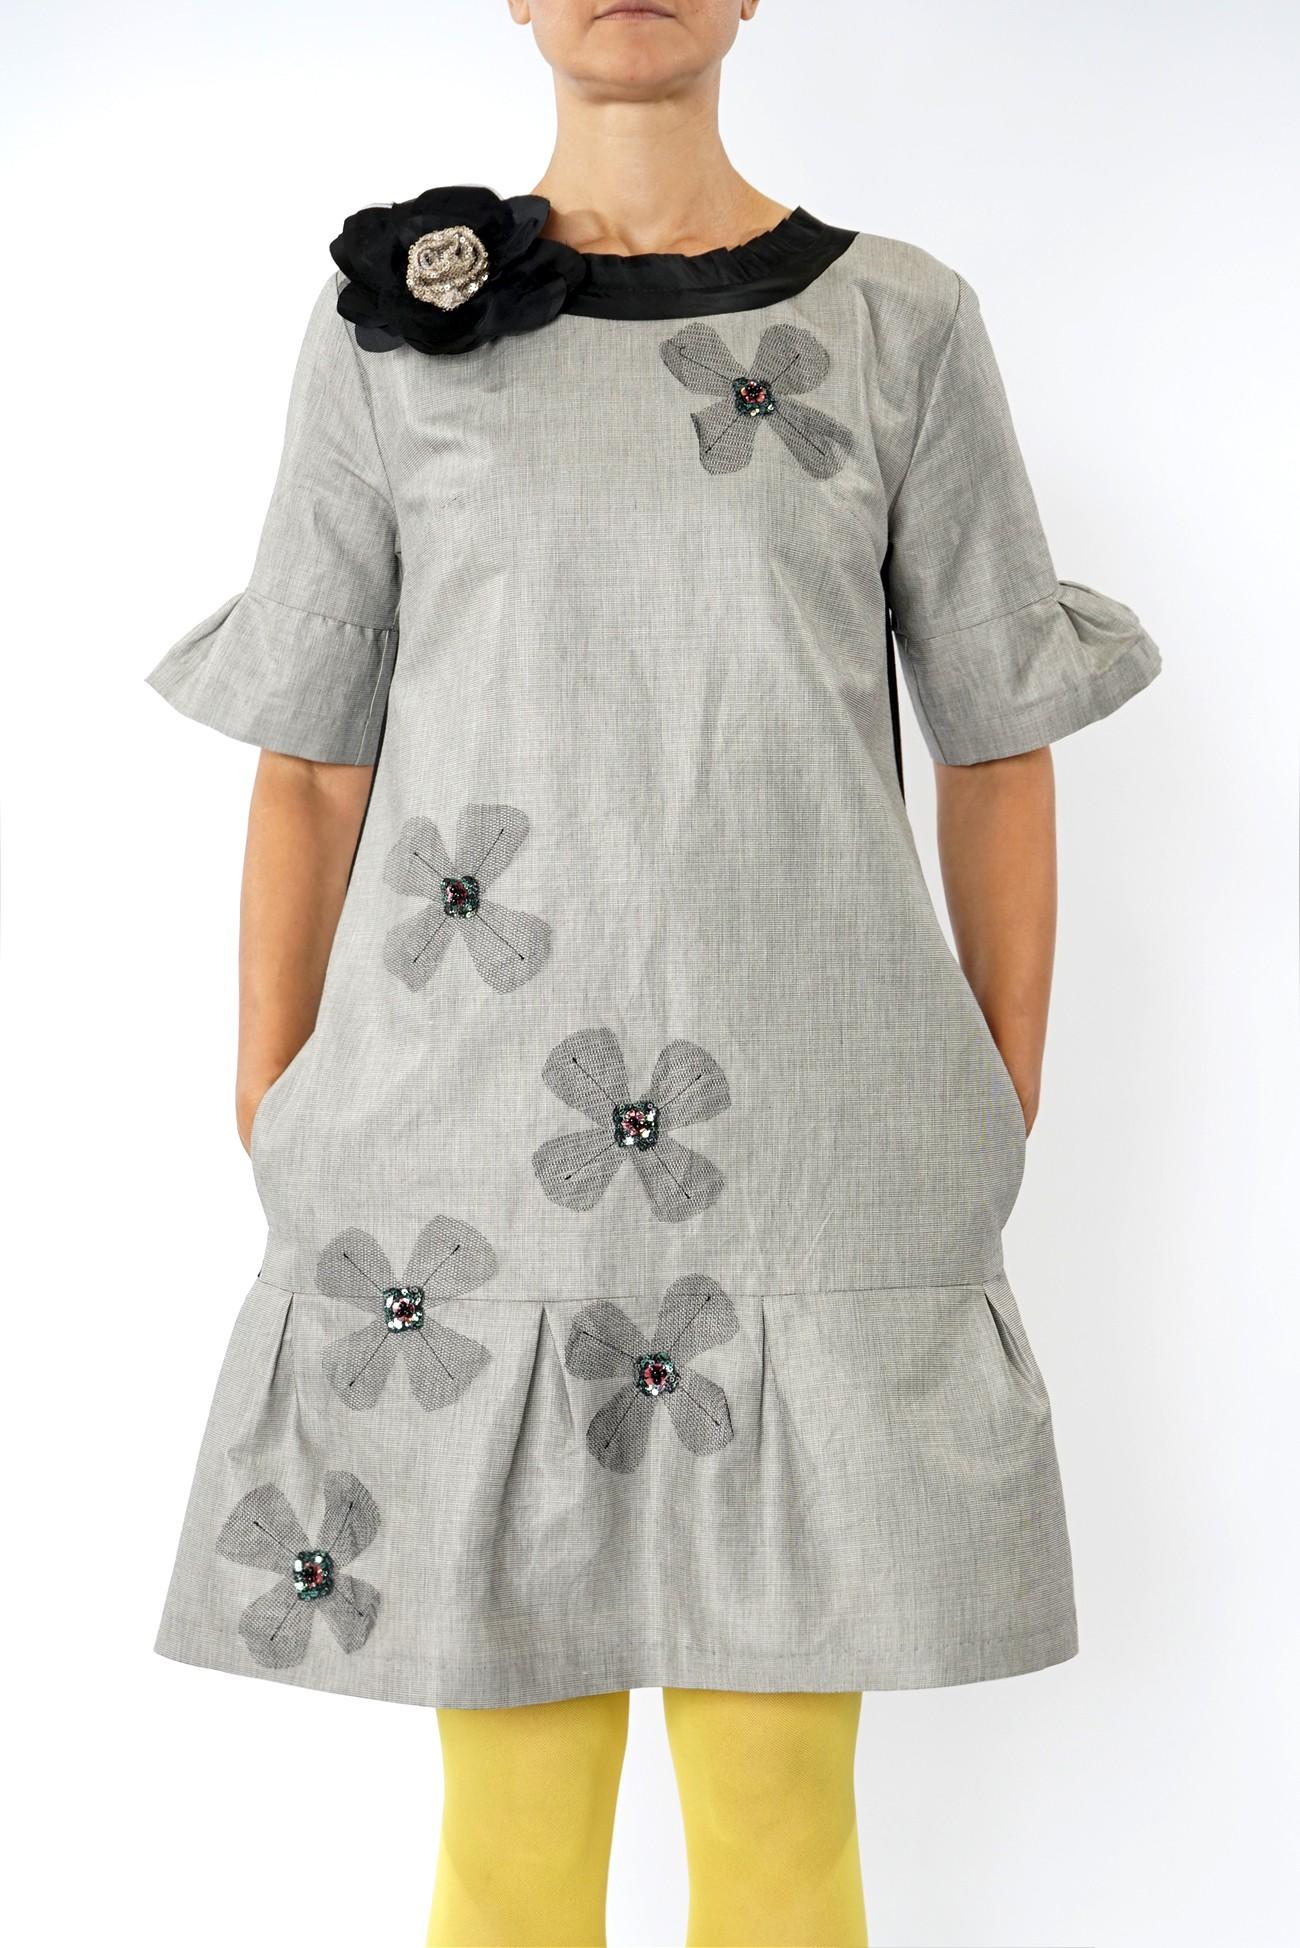 rochie midi  gri cu aplicatii manuale